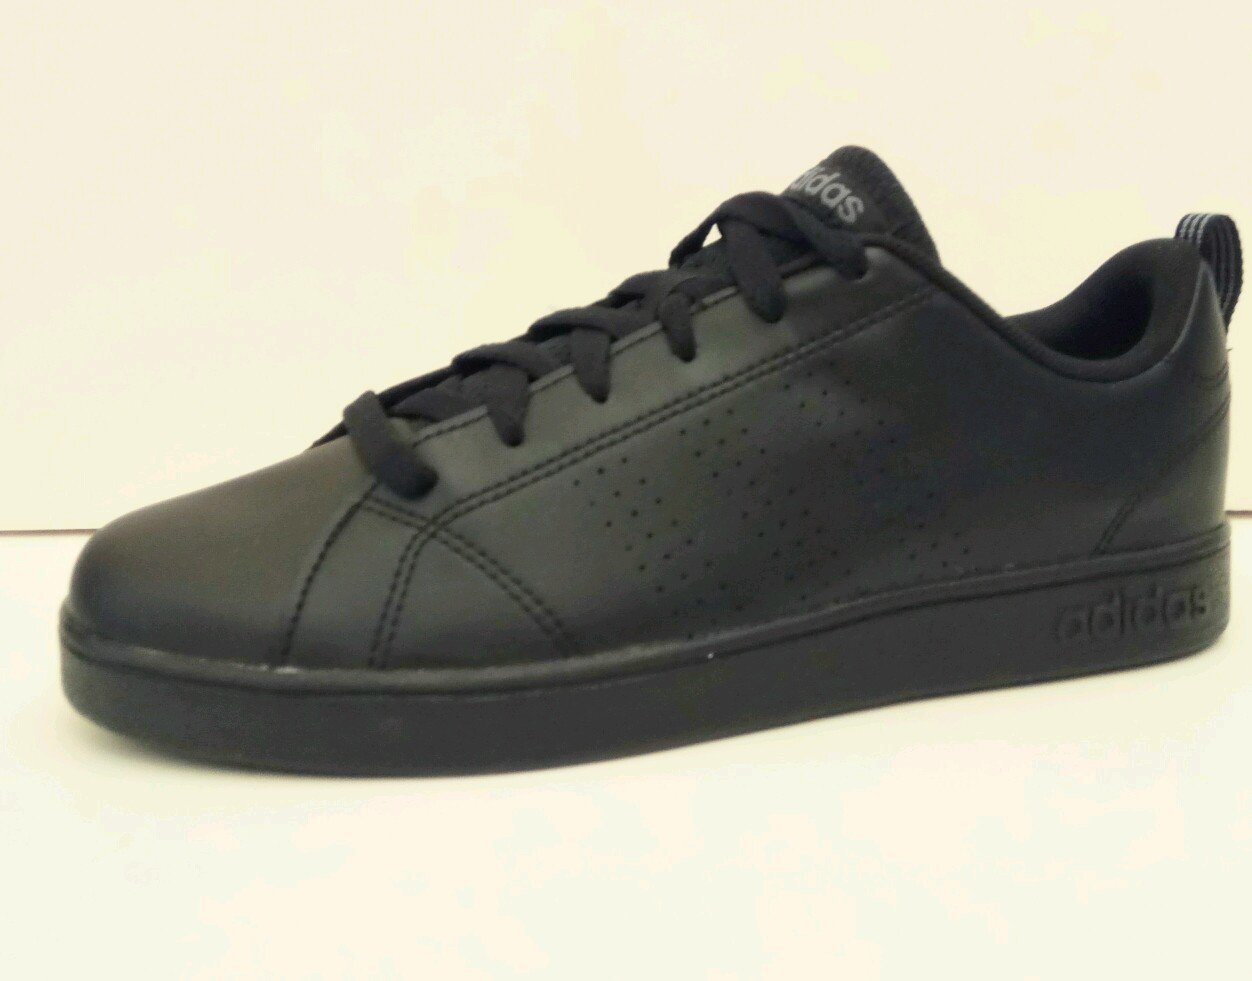 מודיעין נעלי אופנה אדידס שחורות DZ-98